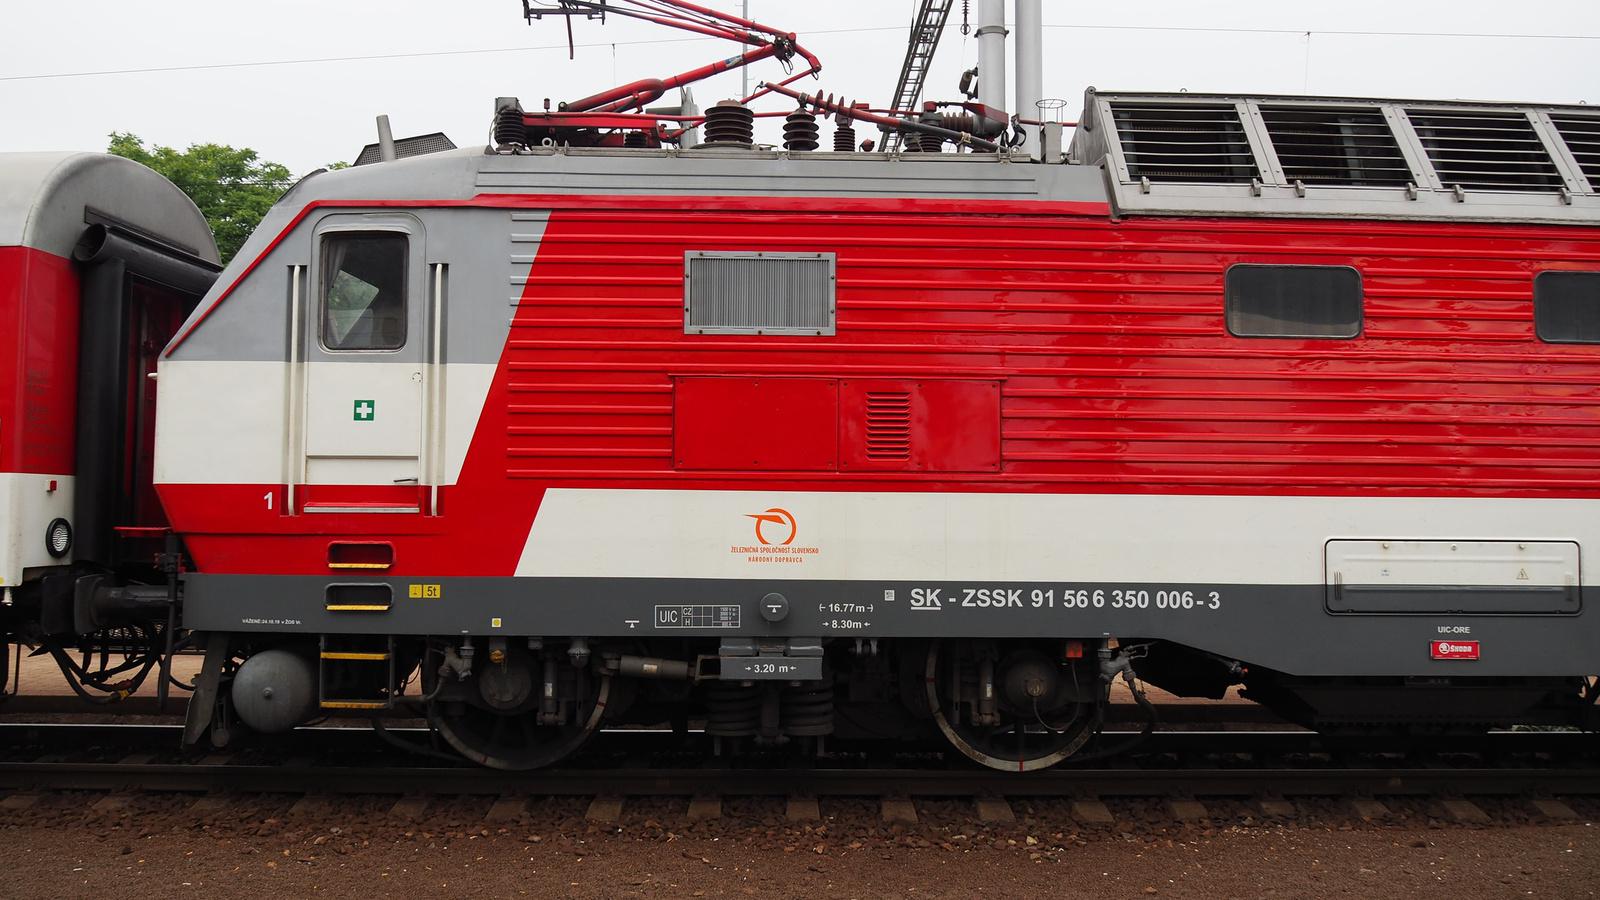 SK-ZSSK 91 56 6 350 006-3, SzG3